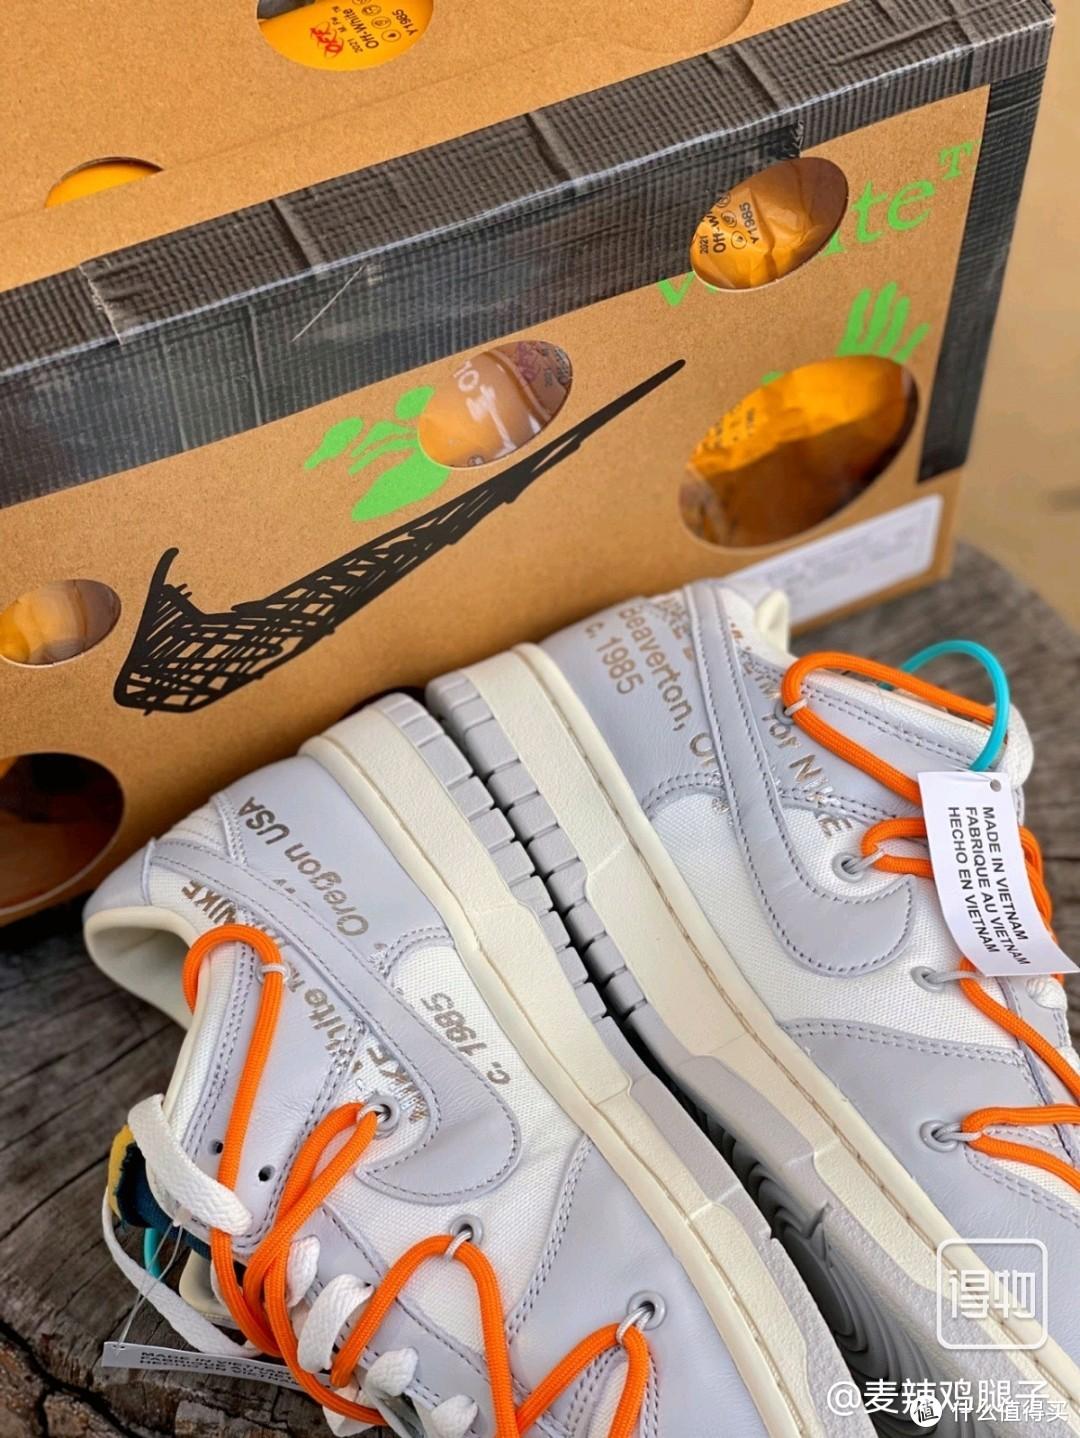 橙色鞋带的 Ow Dunk 与阳光也太搭了吧!